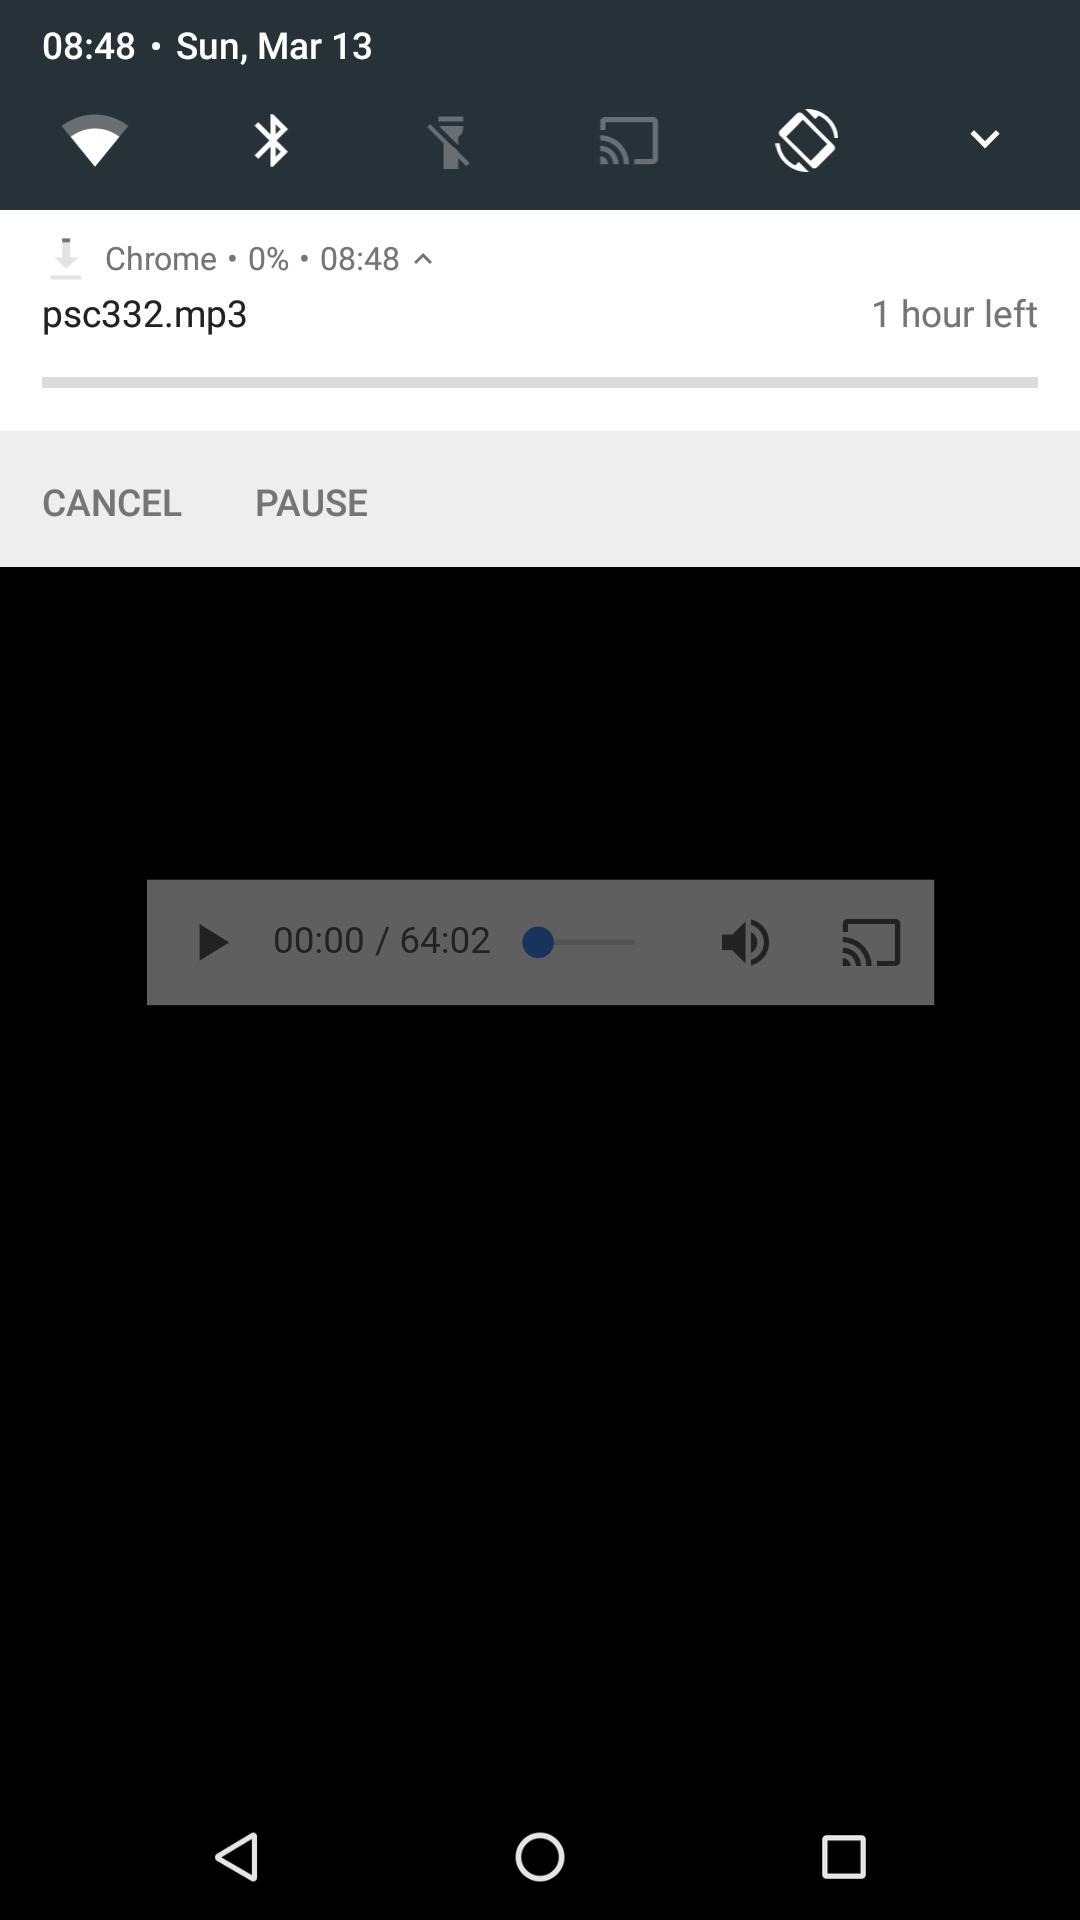 ▷ Chrome 50 le permite pausar y cancelar descargas en Android » Adictec